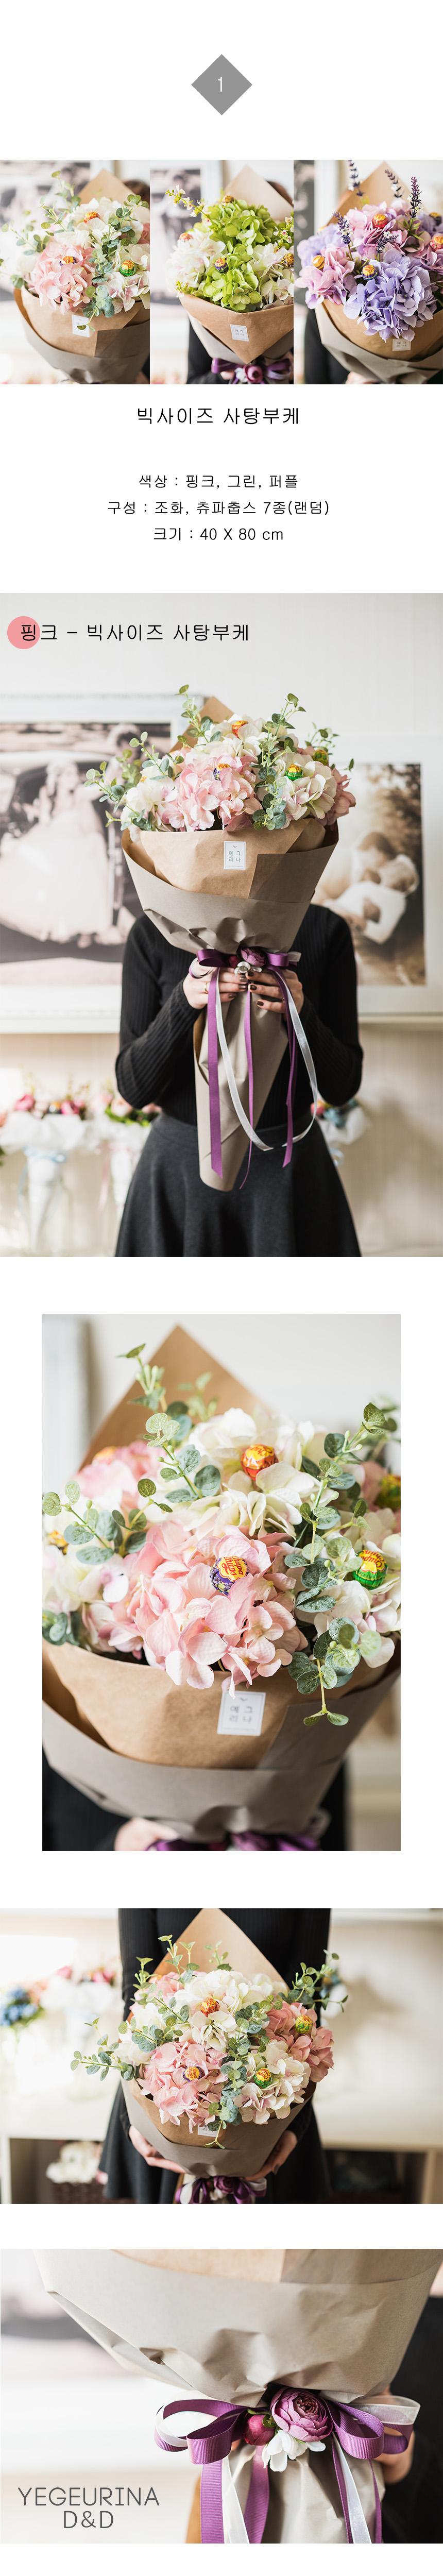 빅사이즈 사탕부케 조화 꽃다발 - 핑크 그린 퍼플88,900원-예그리나인테리어, 플라워, 조화, 꽃다발/꽃바구니바보사랑빅사이즈 사탕부케 조화 꽃다발 - 핑크 그린 퍼플88,900원-예그리나인테리어, 플라워, 조화, 꽃다발/꽃바구니바보사랑